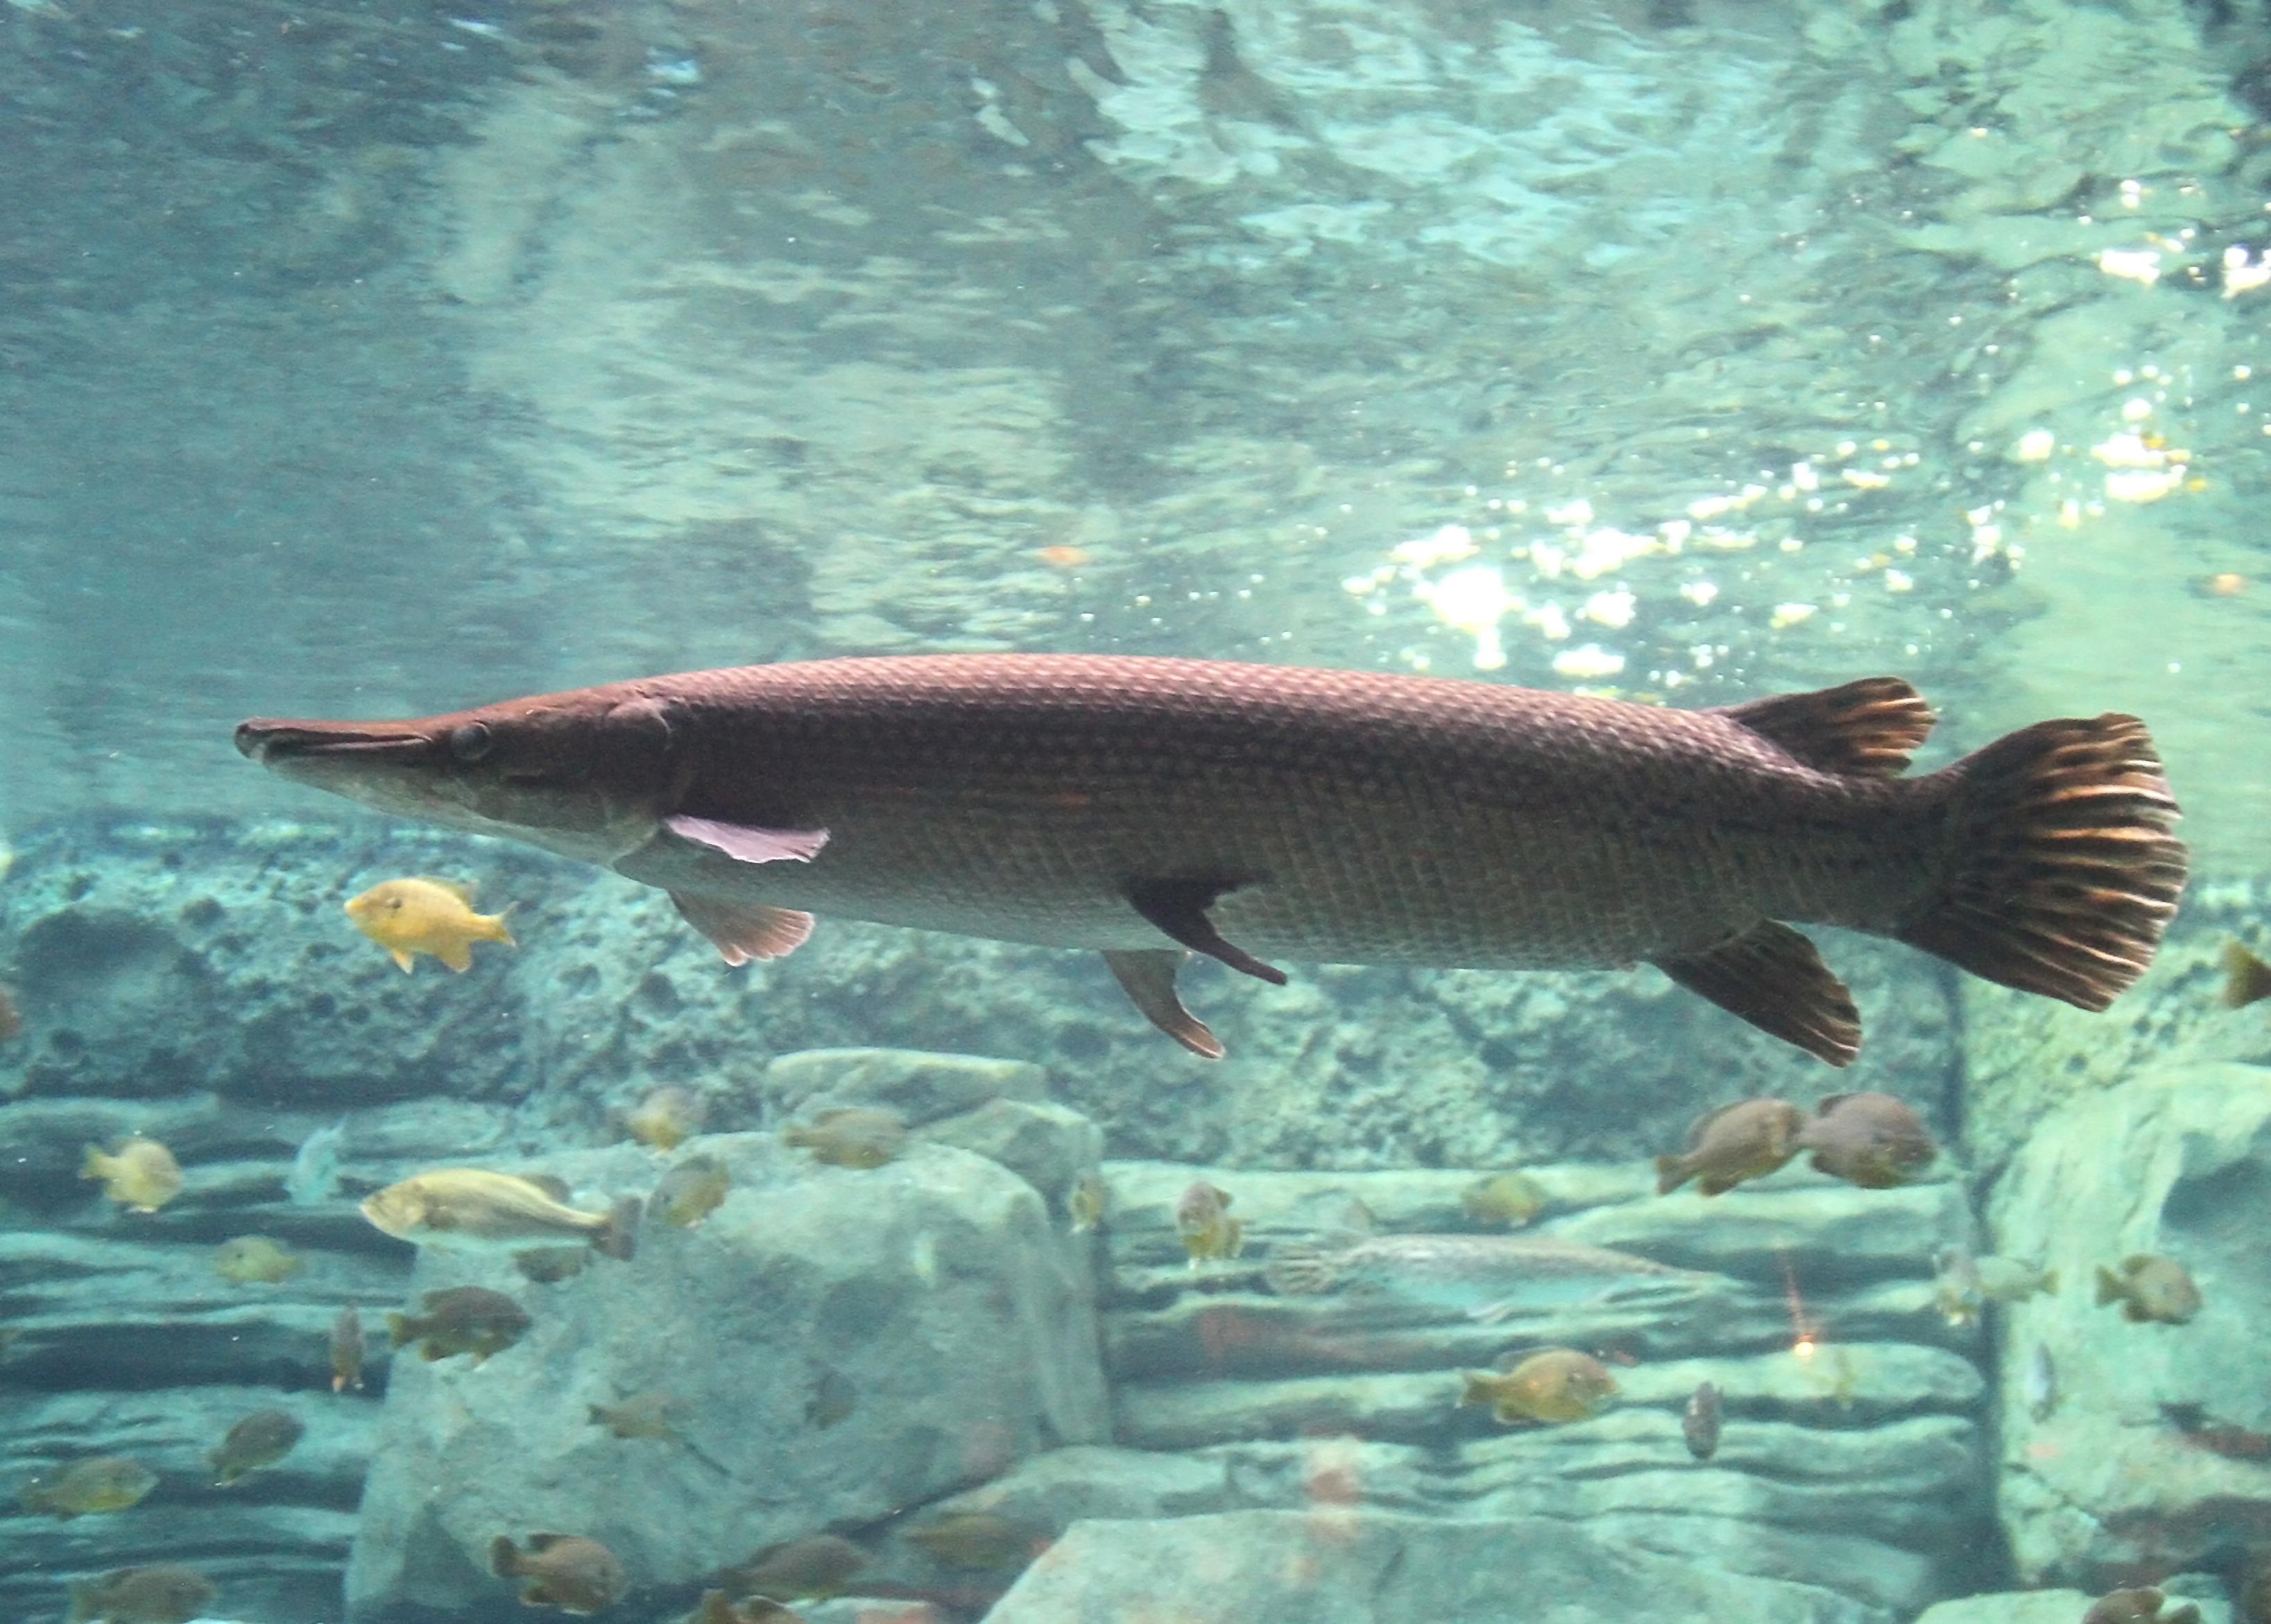 「アリゲーターガー」とはどんな魚?本来はアメリカ南部からメキシコ等に生息する外来魚との事。